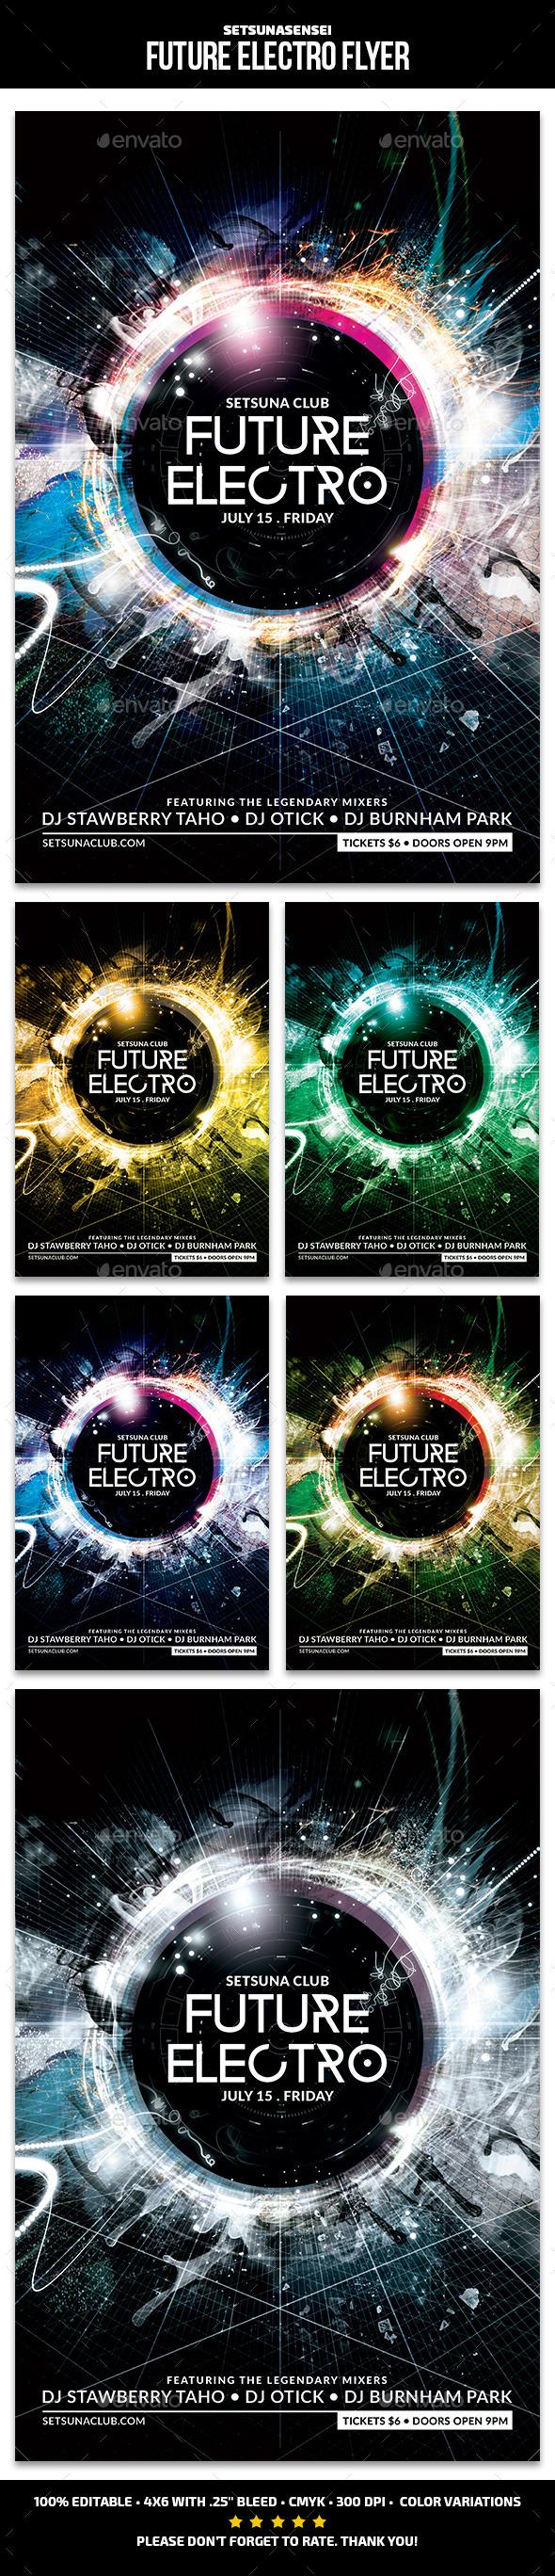 GraphicRiver Future Electro Flyer 11886692